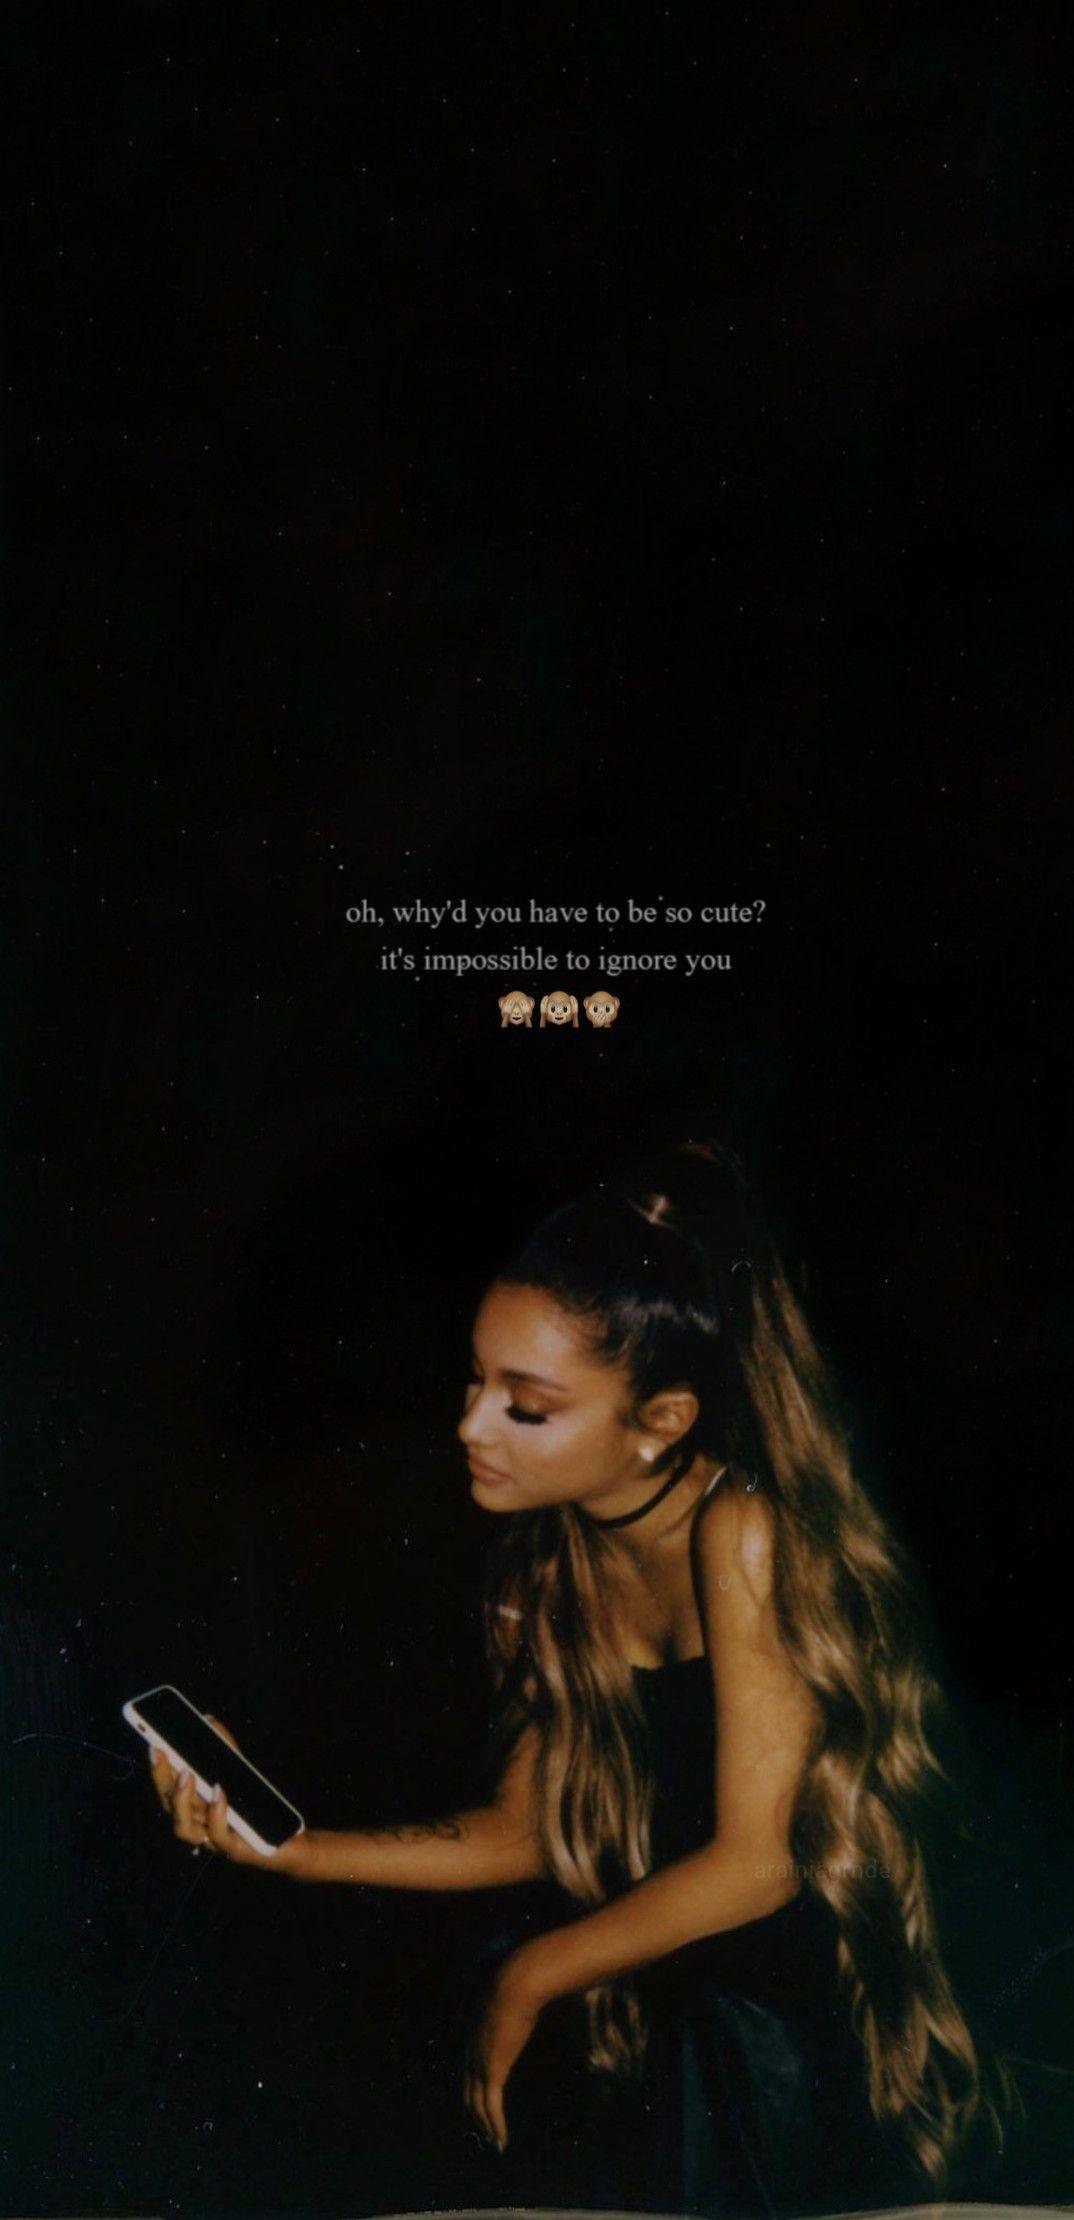 Ariana Grande 7 Rings Wallpapers - Top